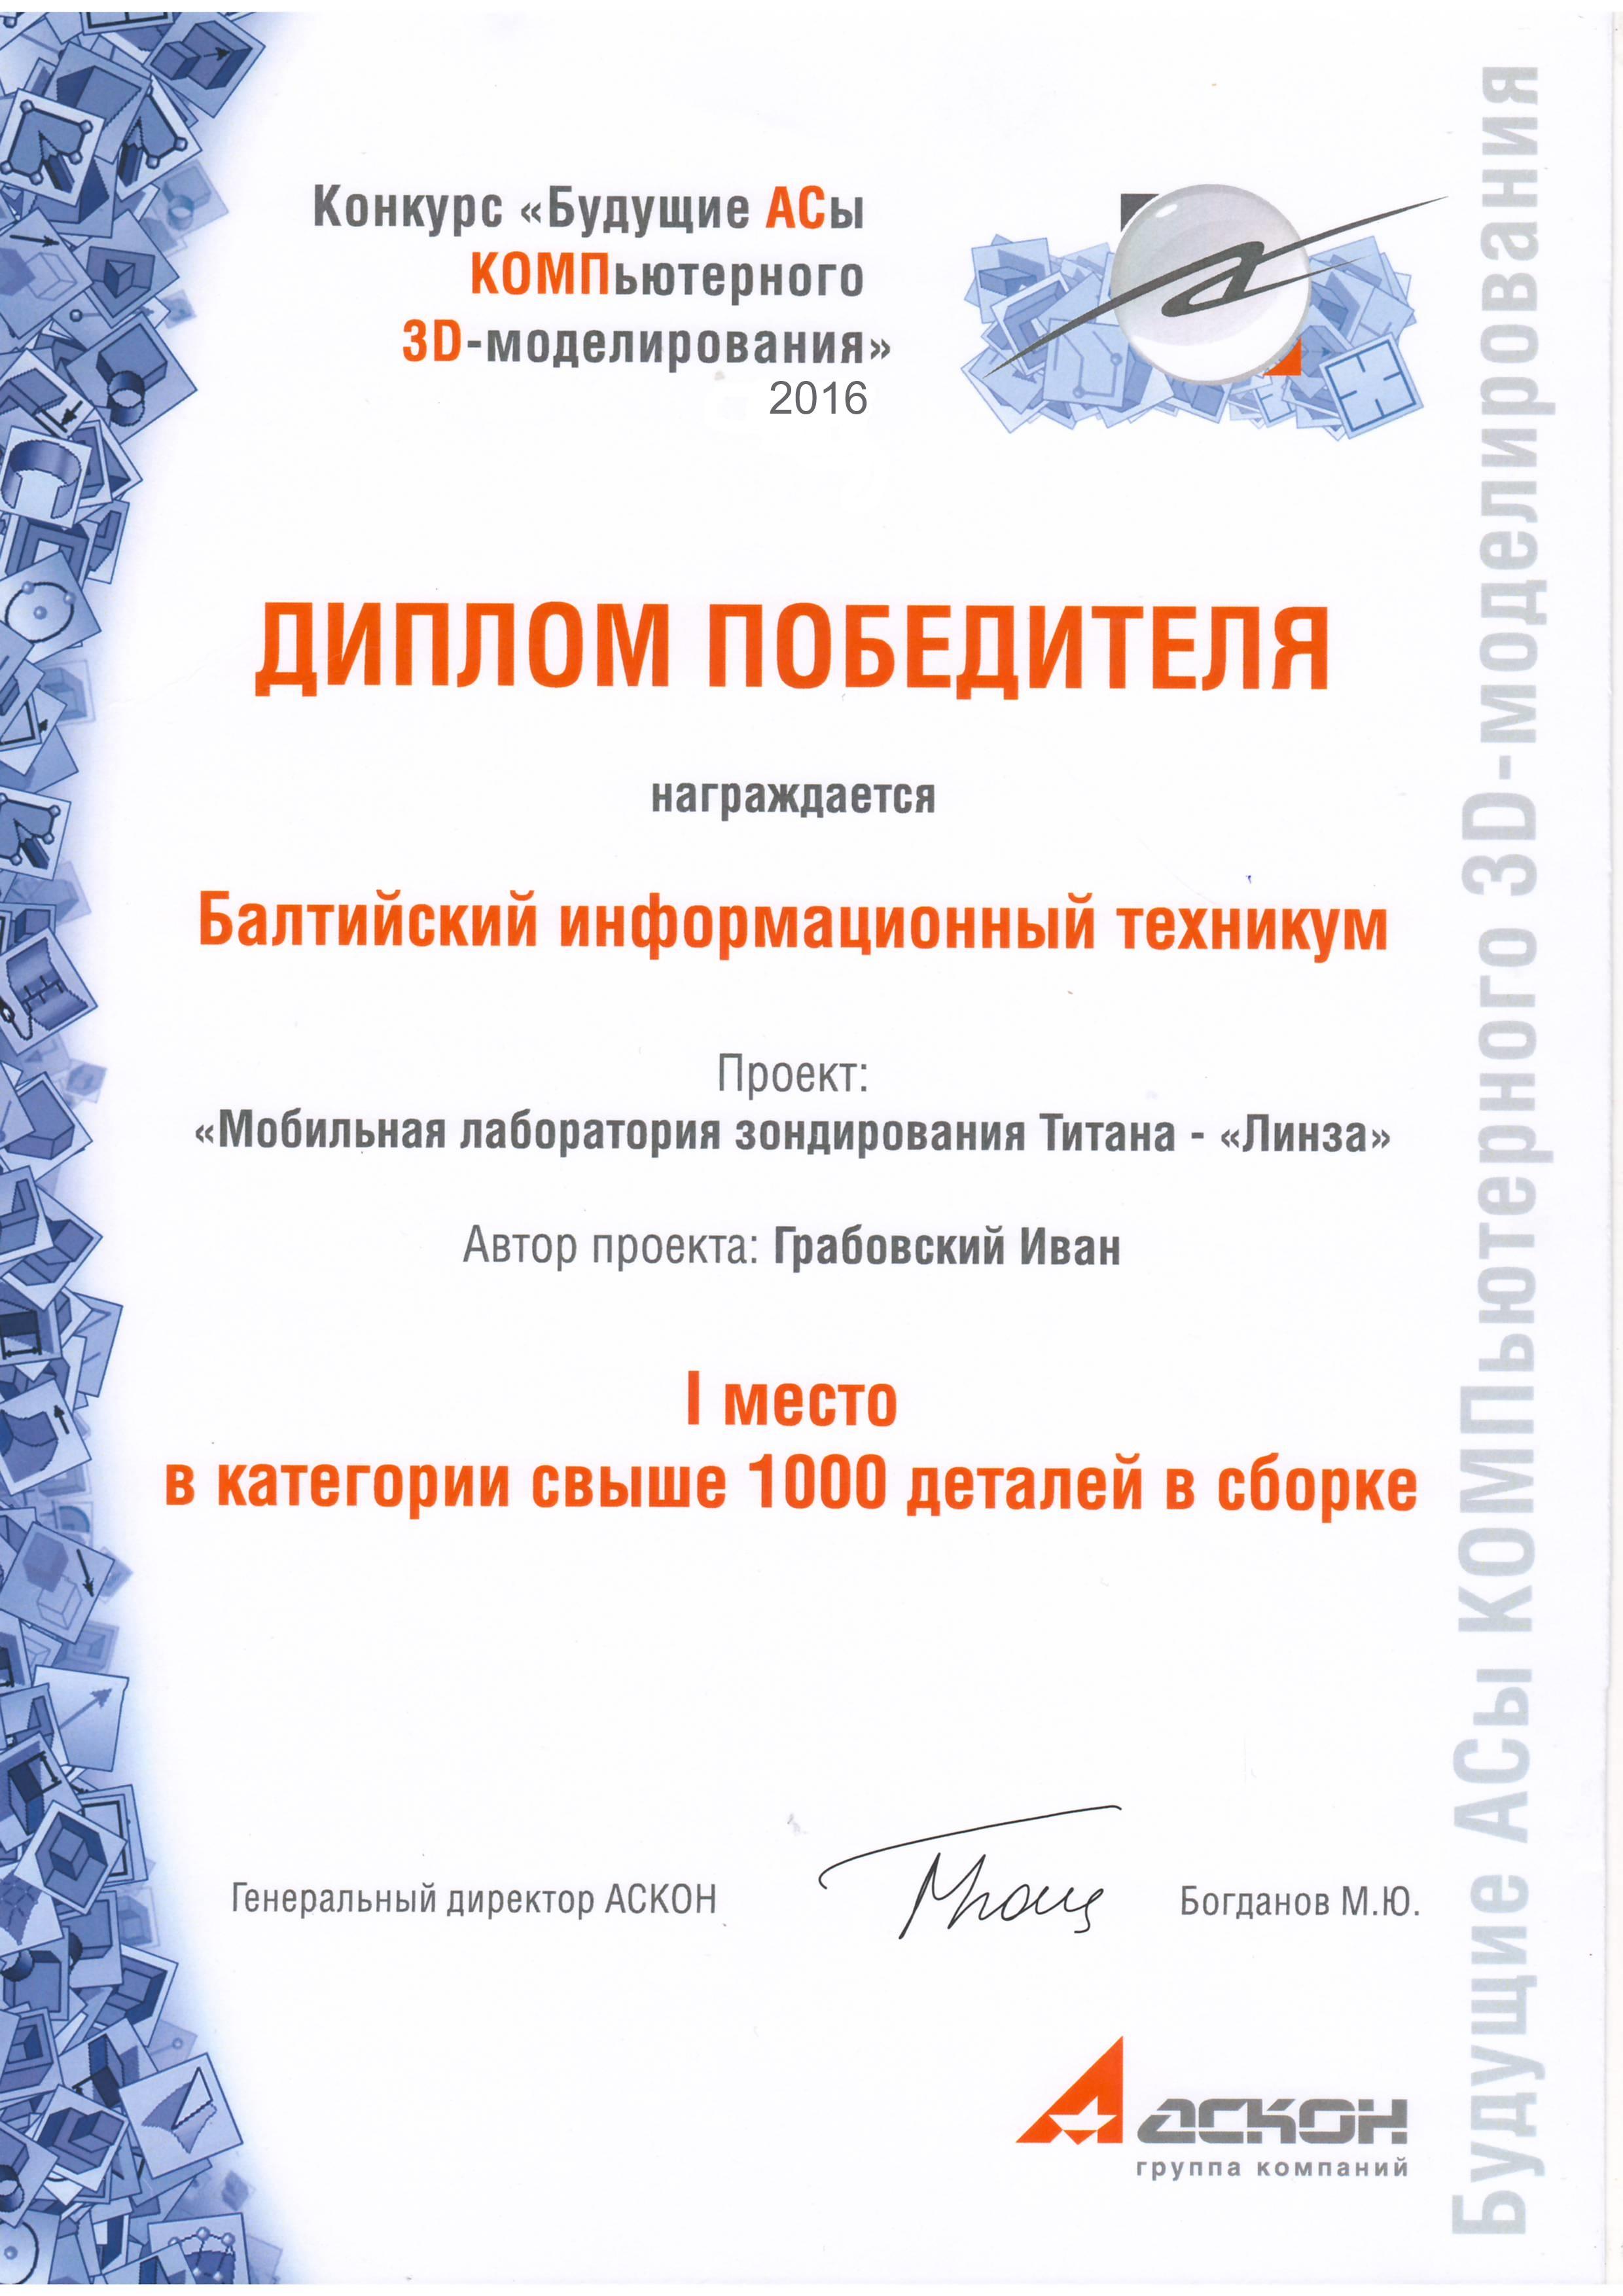 Диплом АНО ПО БИТ-2016